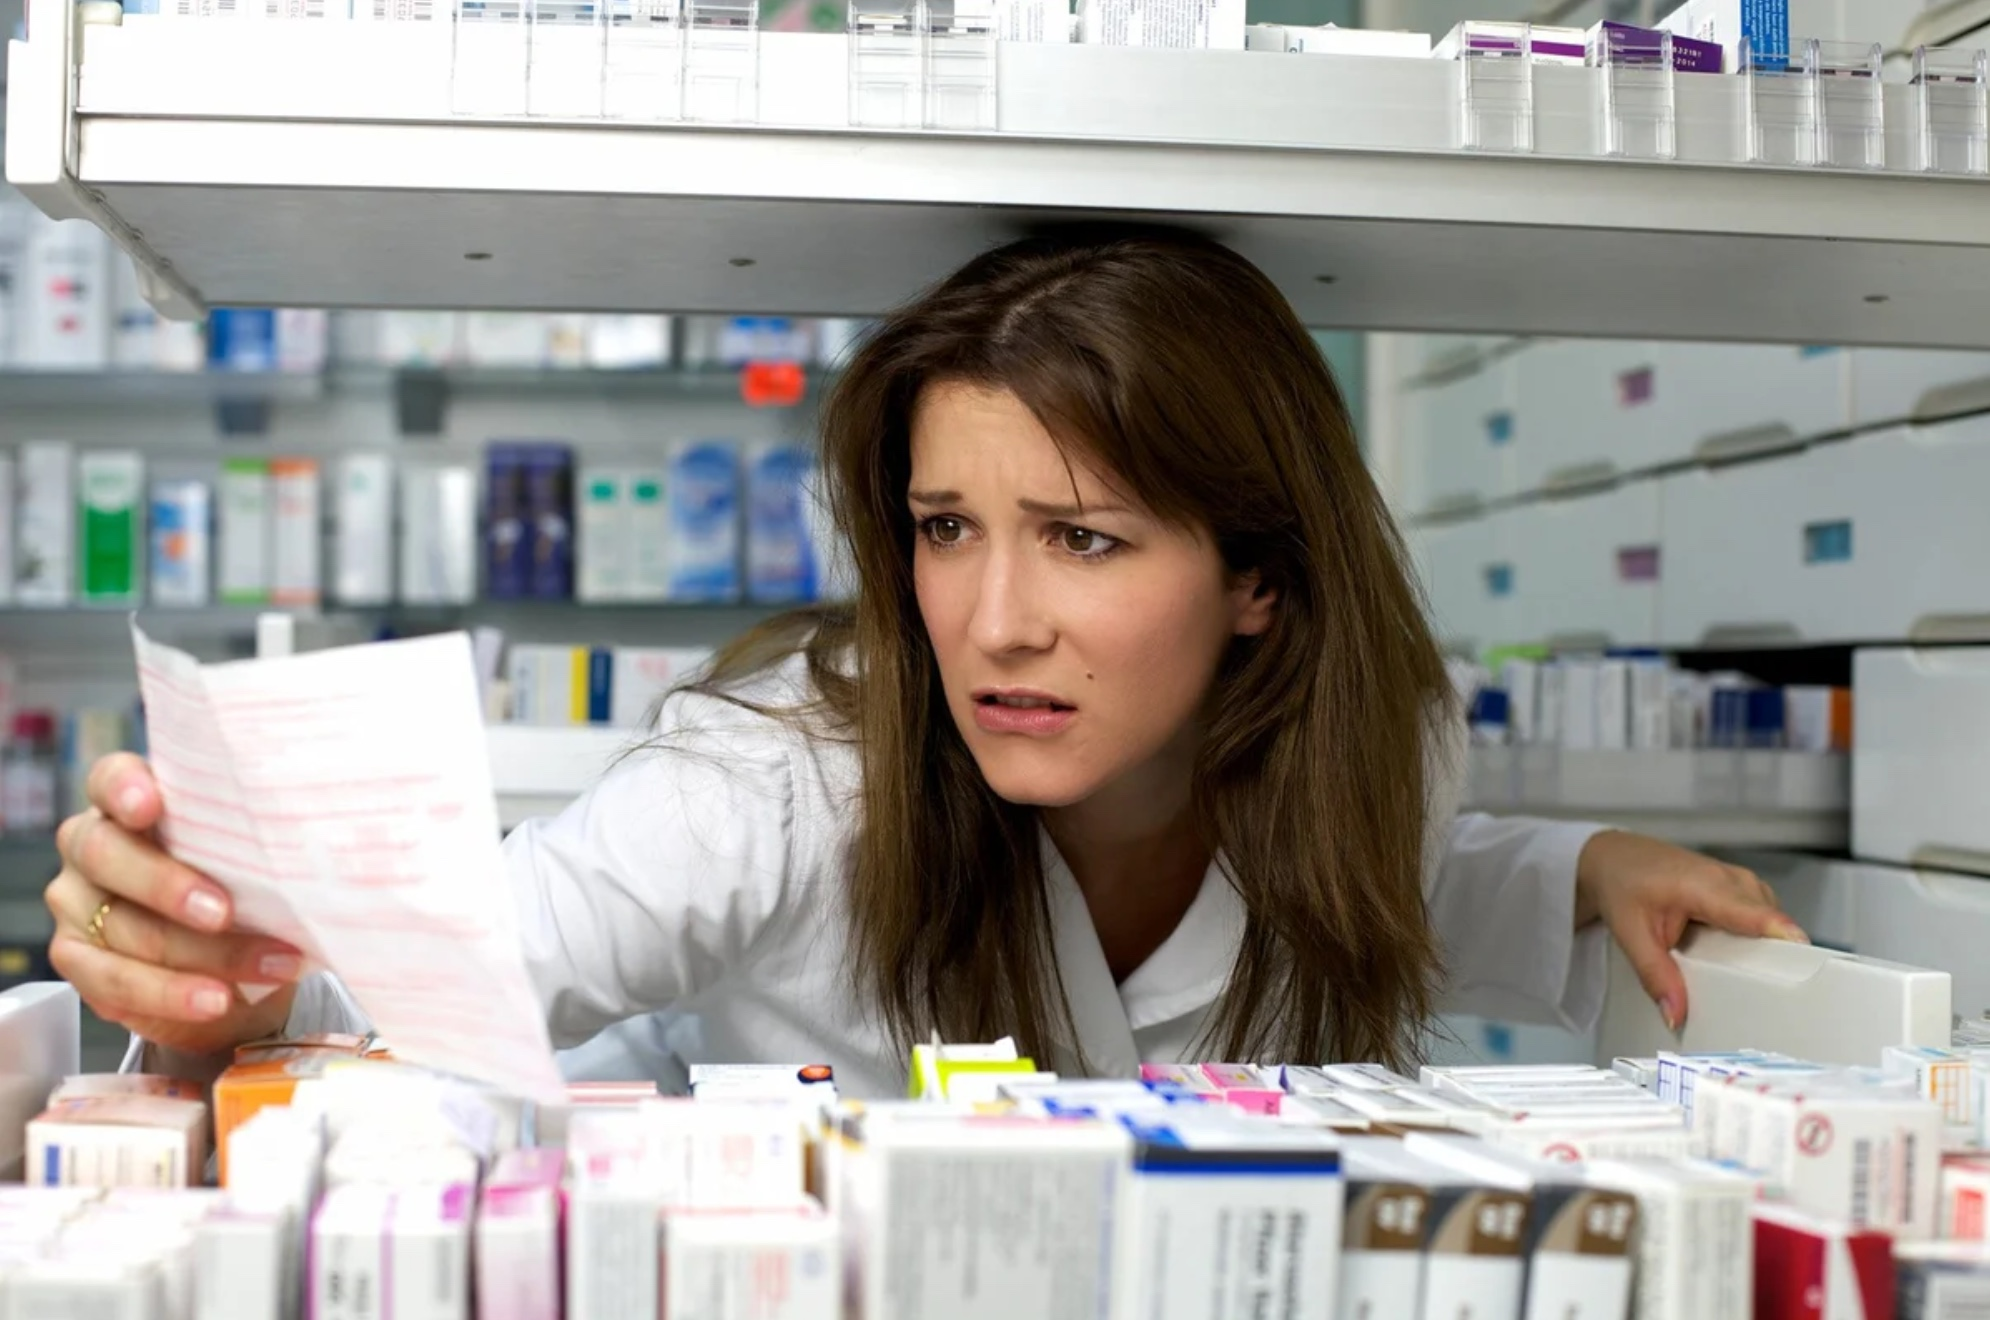 С проблемами при покупке лекарств столкнулось более трети россиян